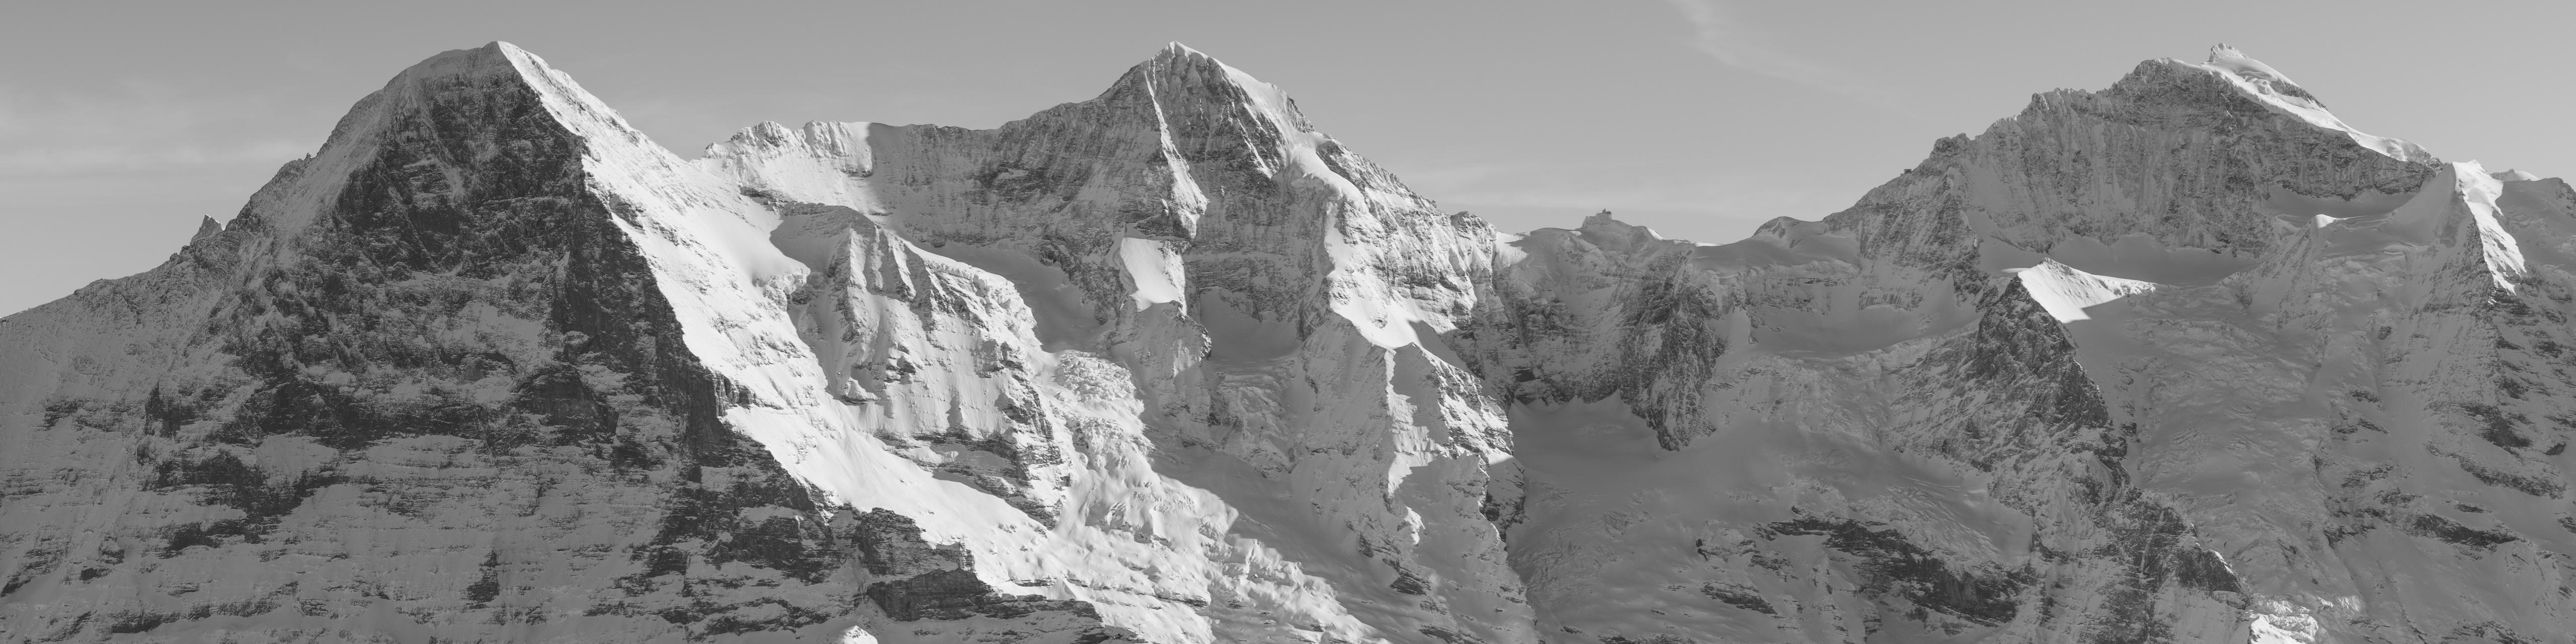 Panorama noir et blanc des Alpes Bernoises - Montagnes rocheuses en suisse